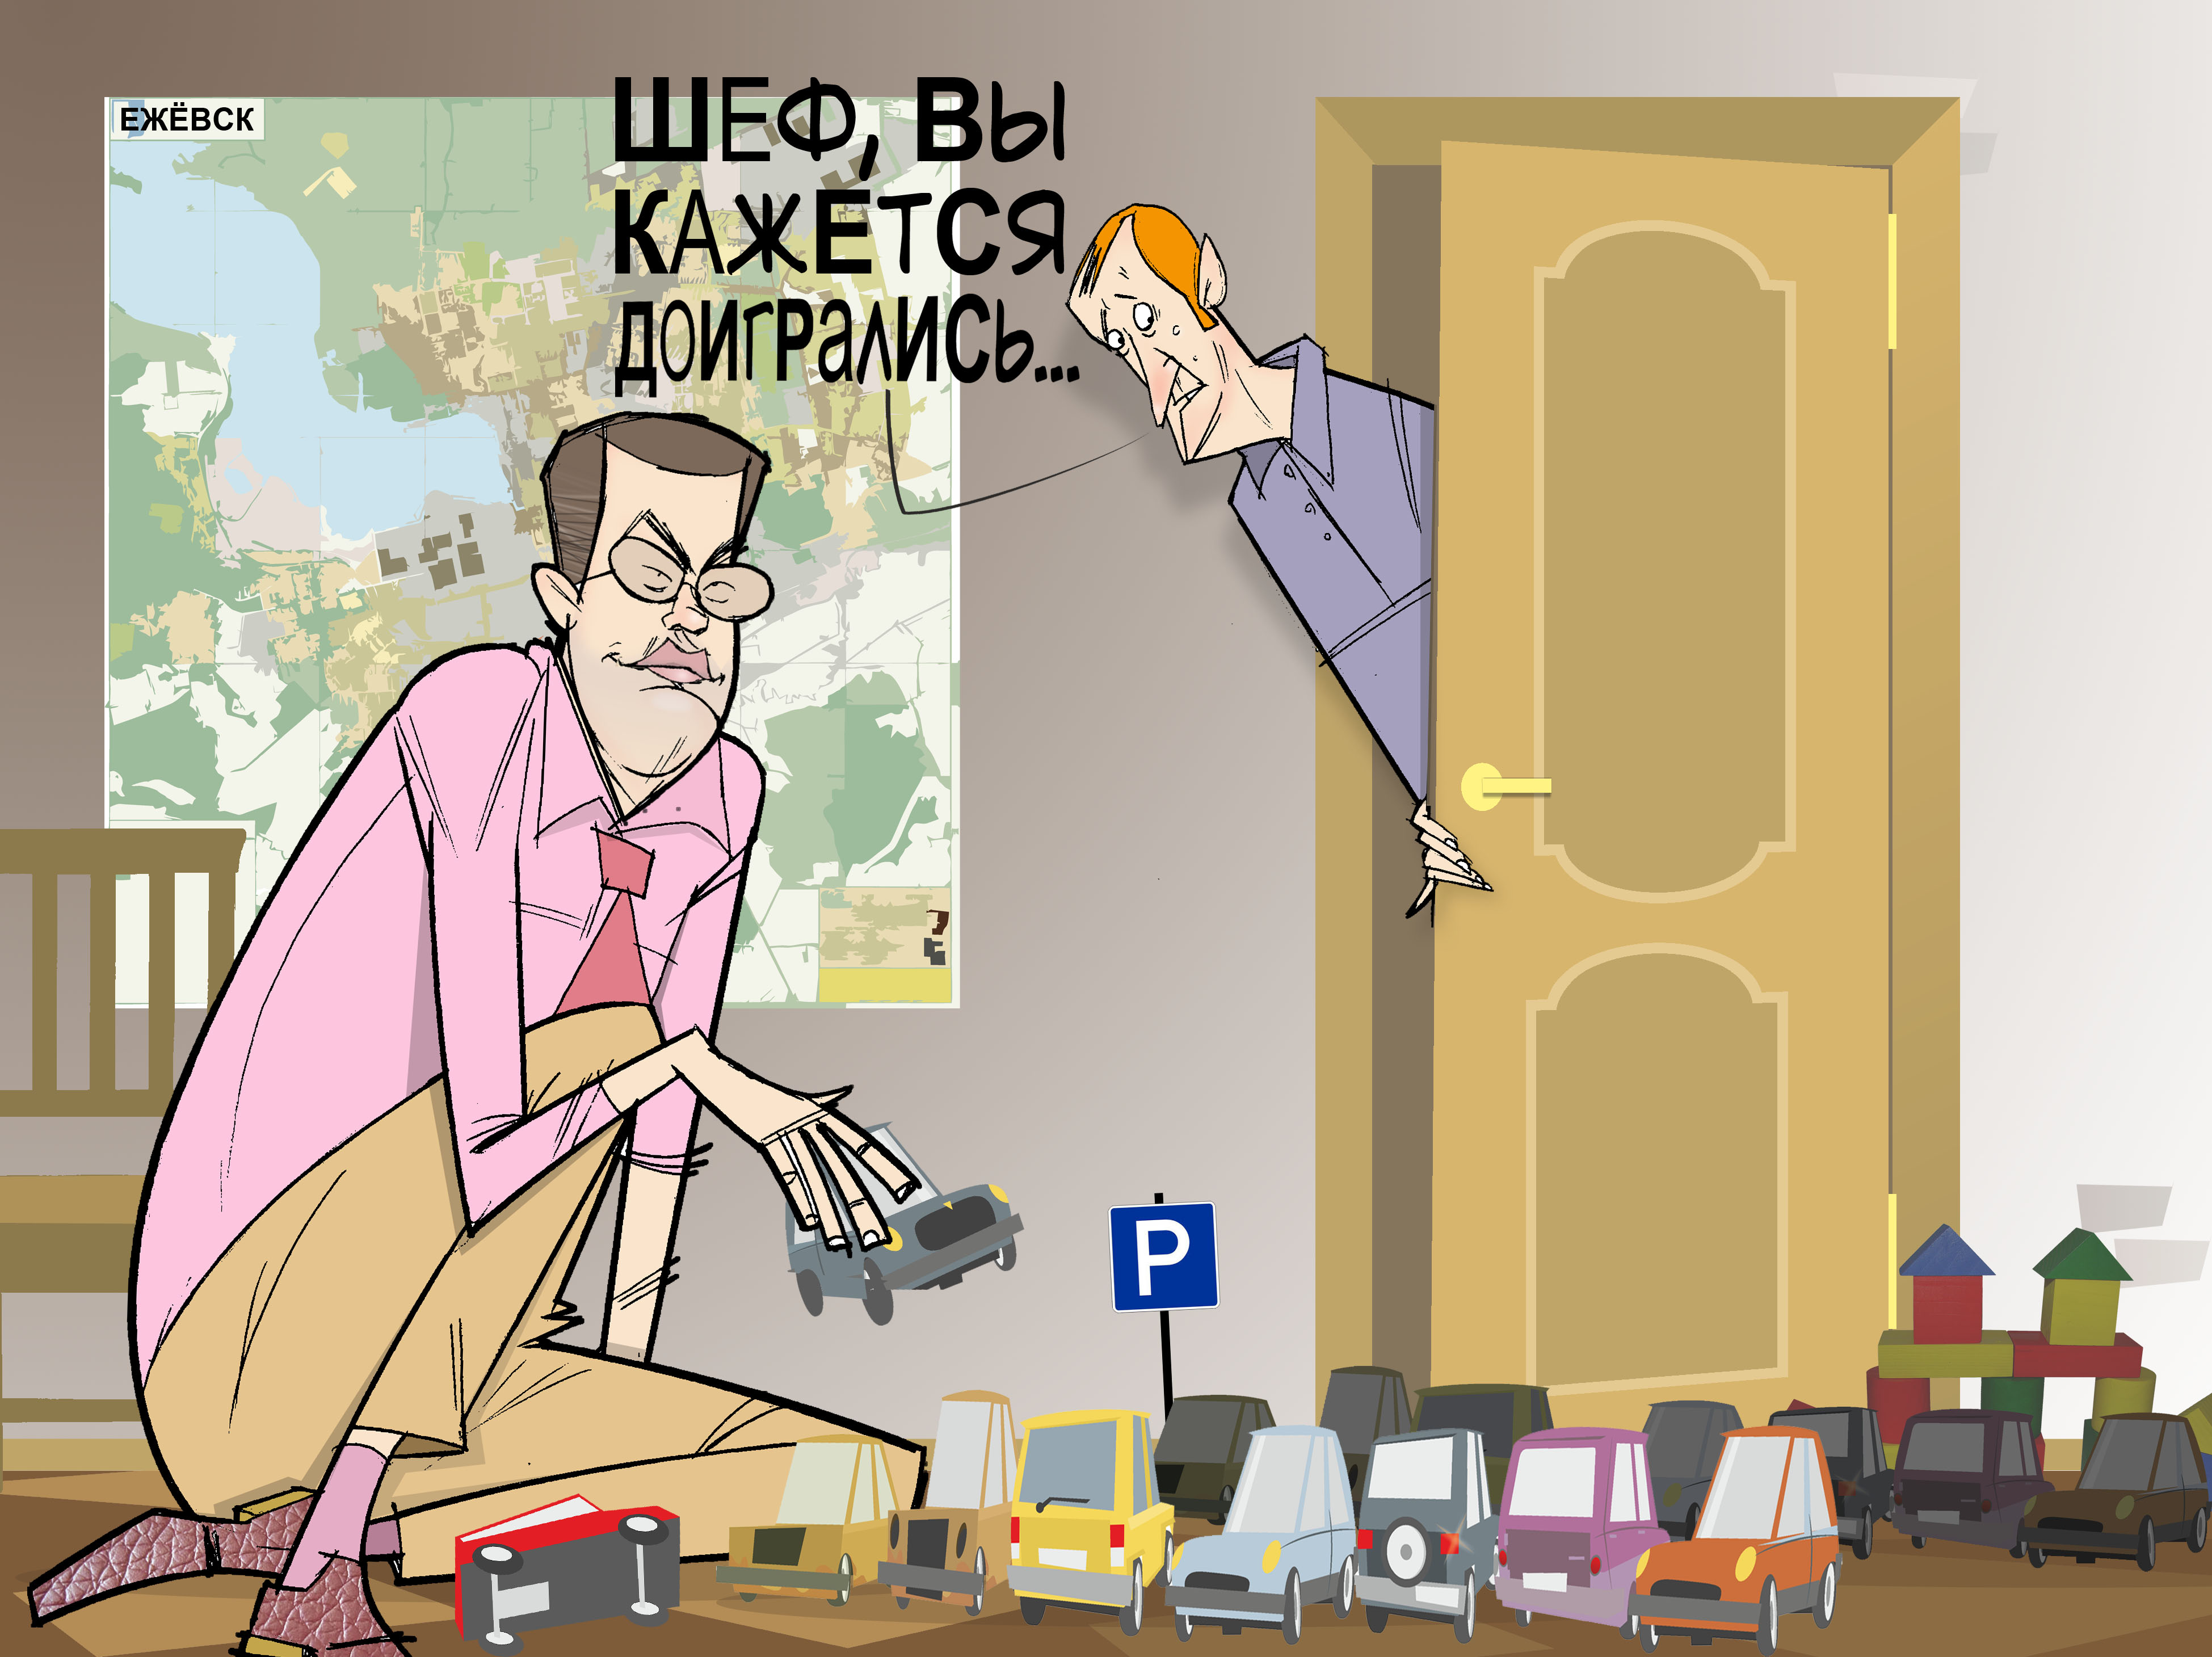 """Кажется доигрался. #СитиМенеджер #Ижевск #Агашин © Газета """"День"""" 2014"""